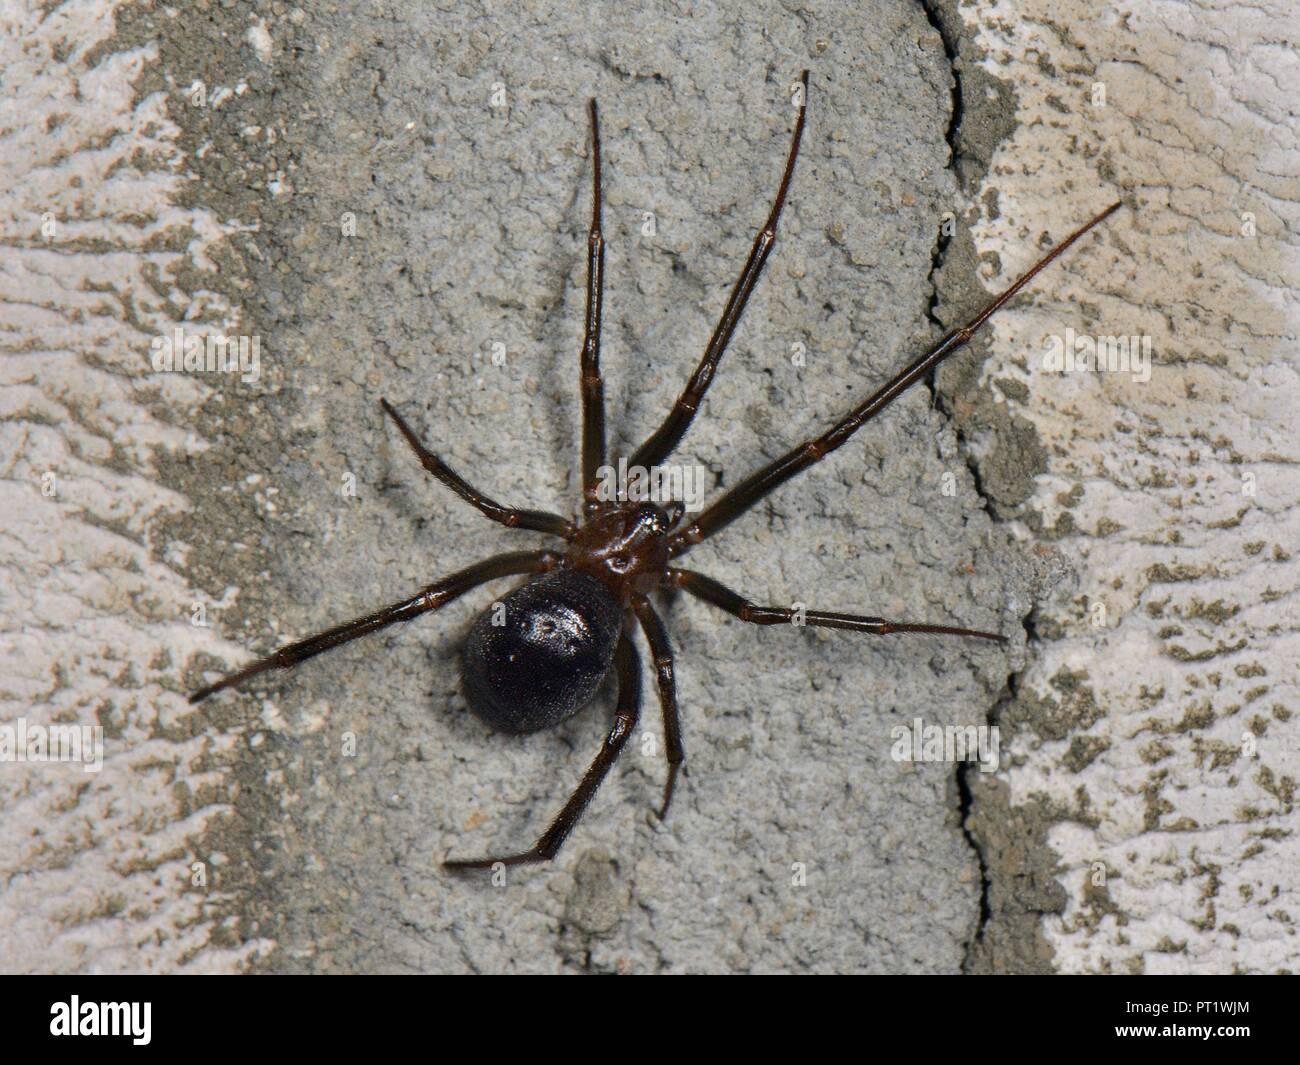 La Falsa Credenza : Falso black widow o credenza spider steatoda grossa su una parete